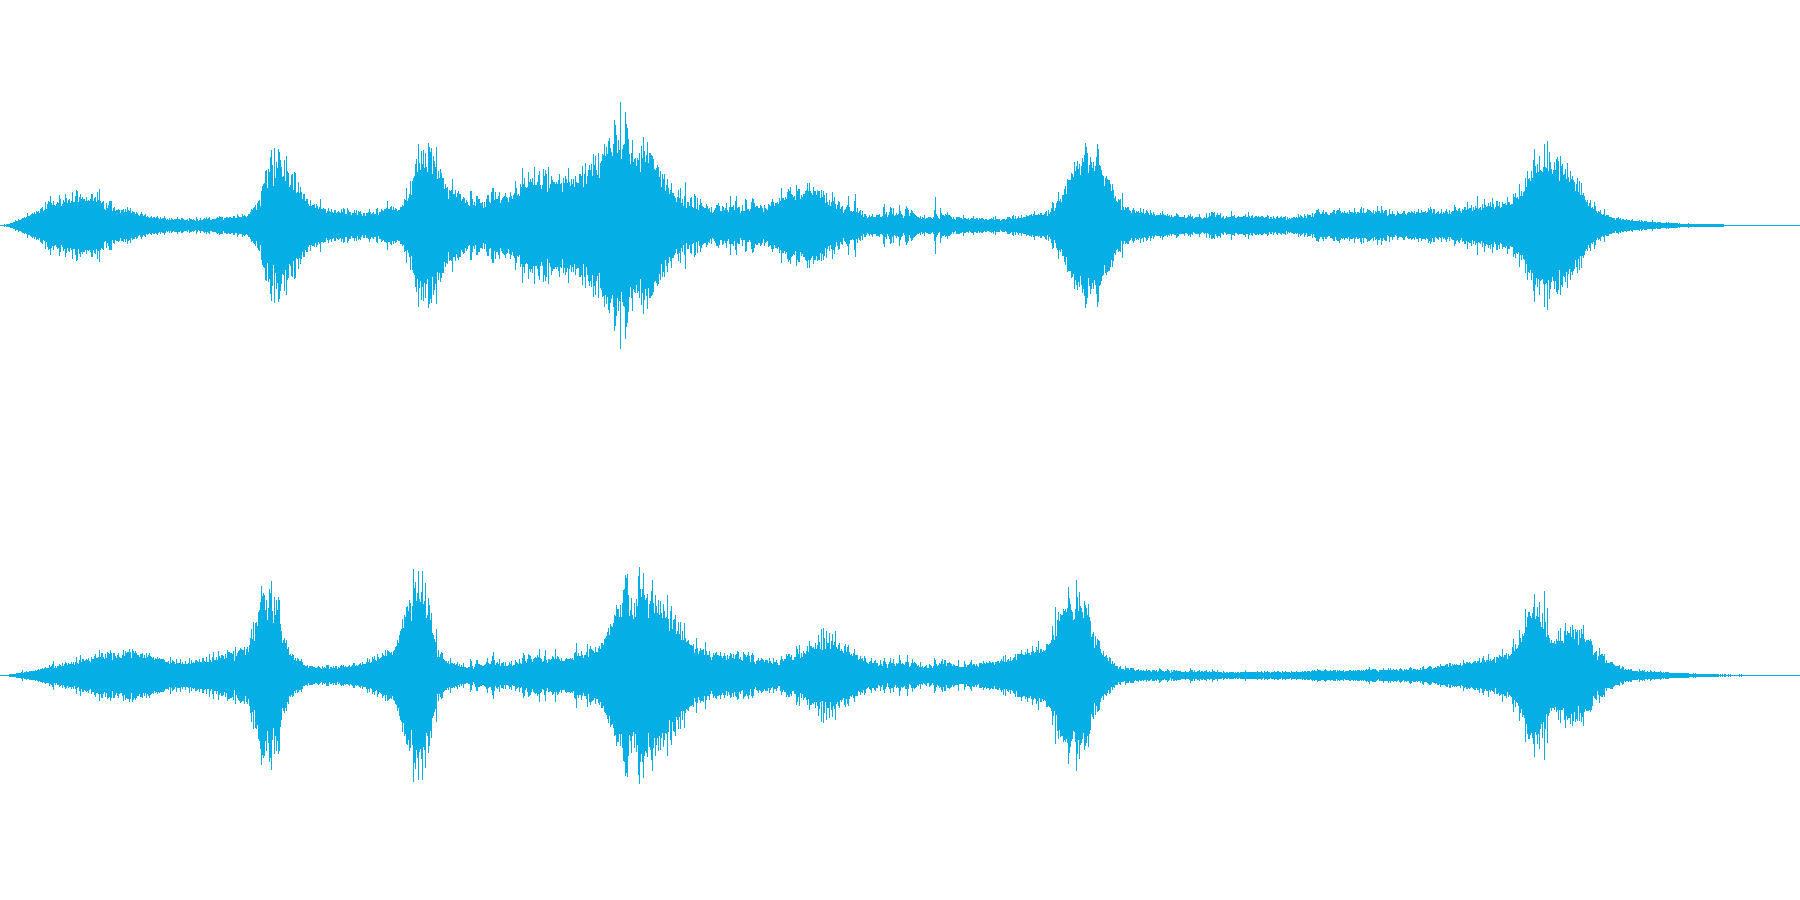 【生録音】 早朝の街 交通 環境音 14の再生済みの波形